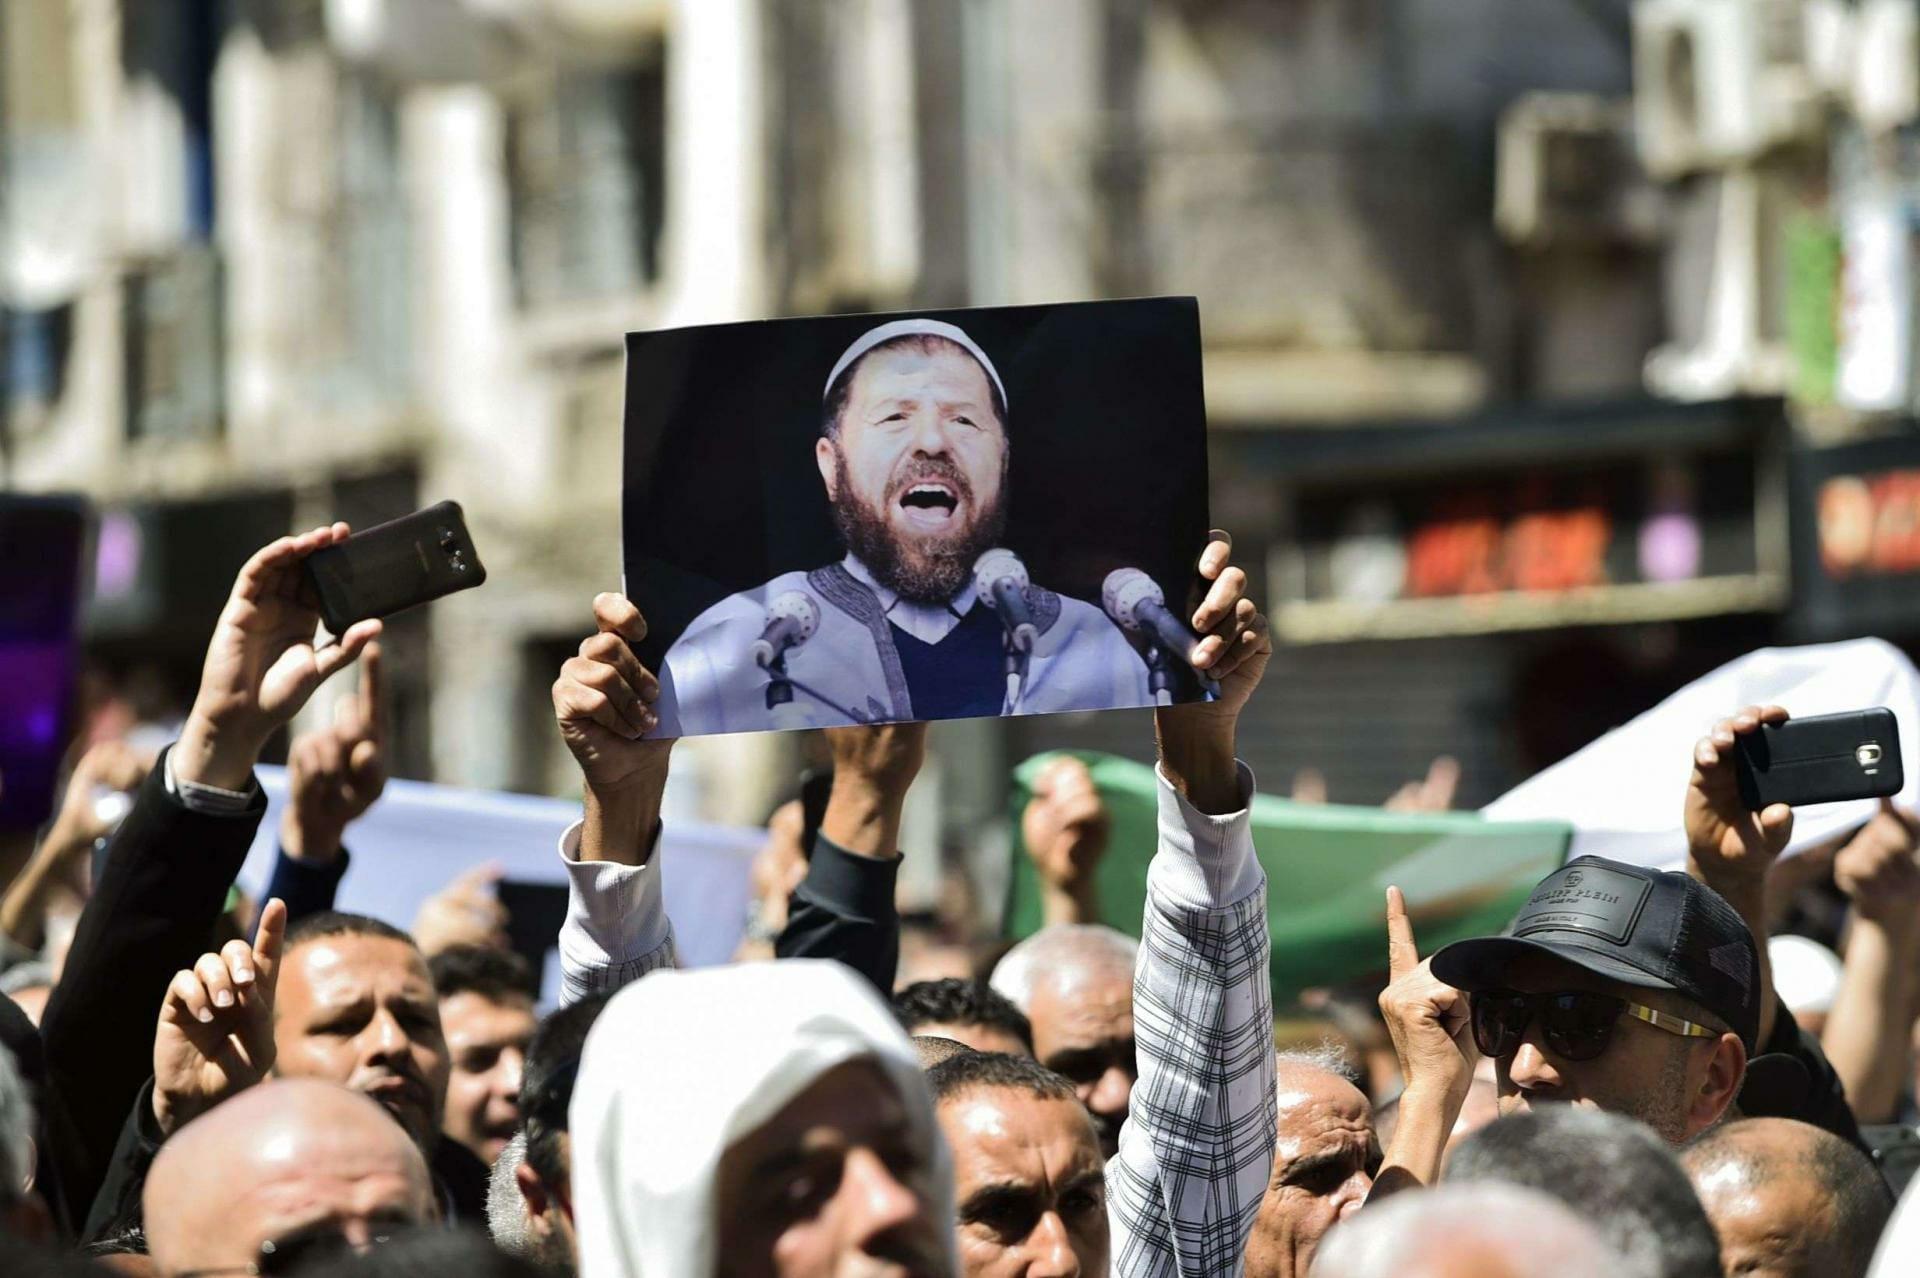 جنازة الشيخ عباسي مدني